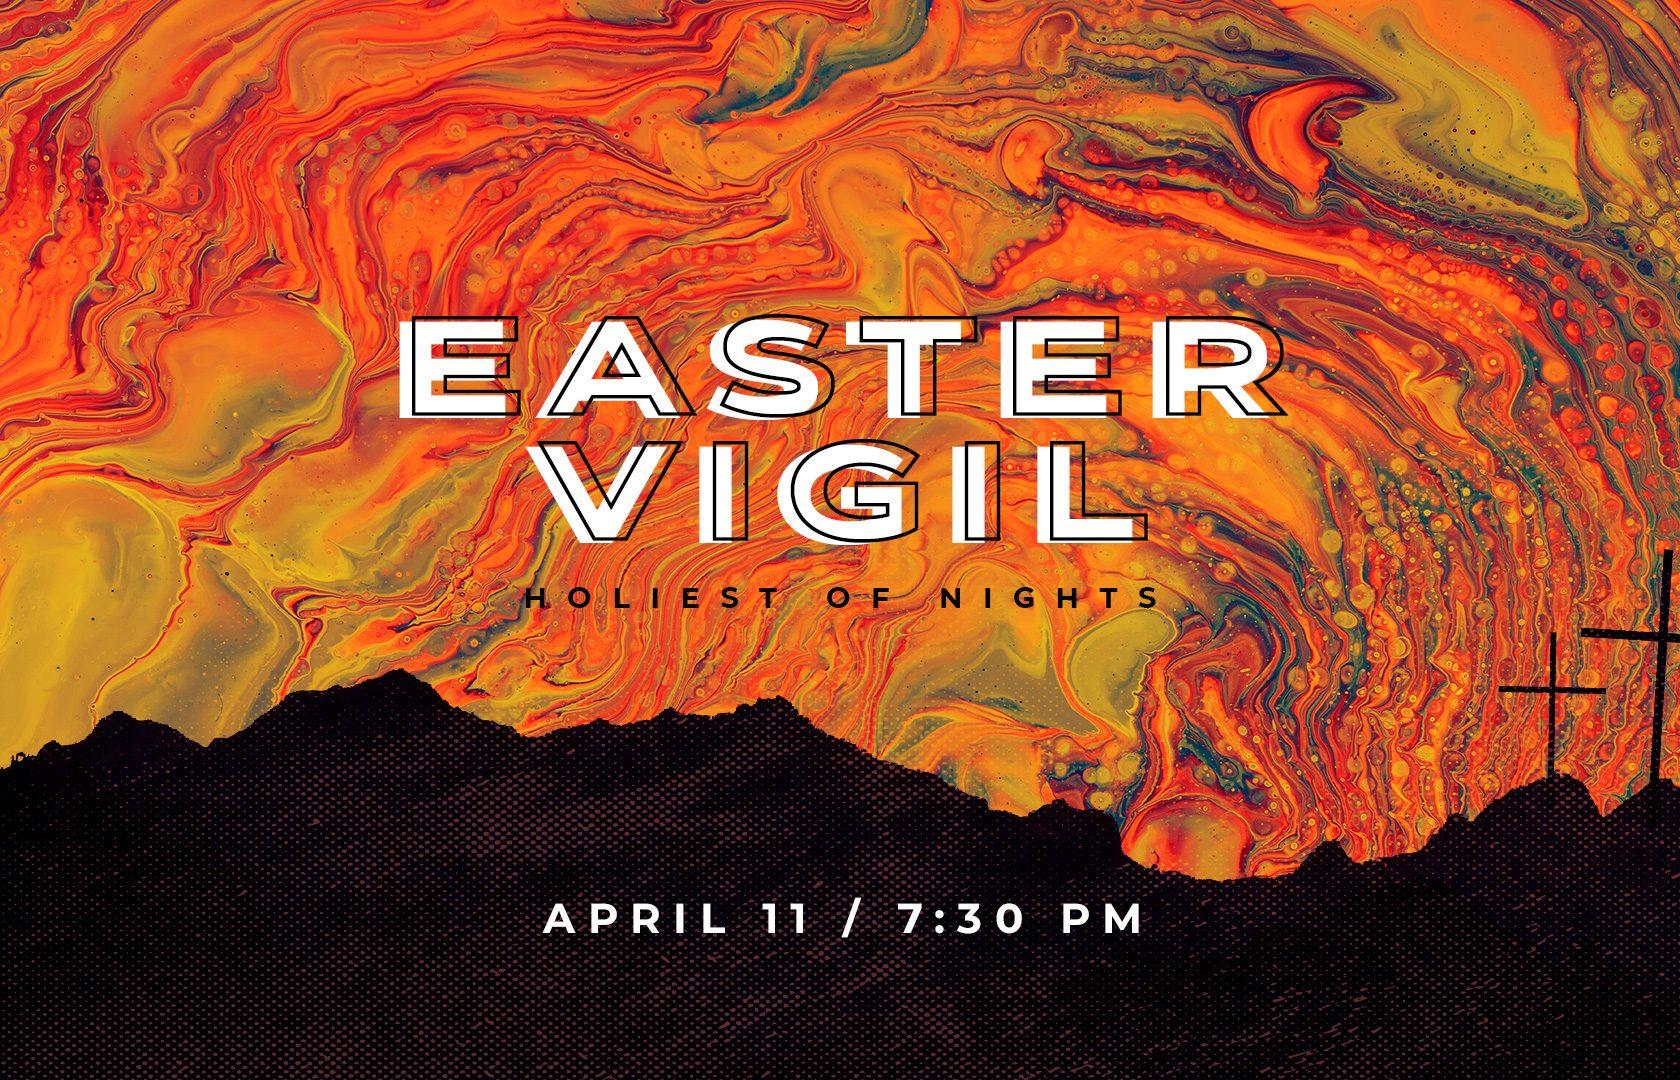 Easter Vigil Broadcast